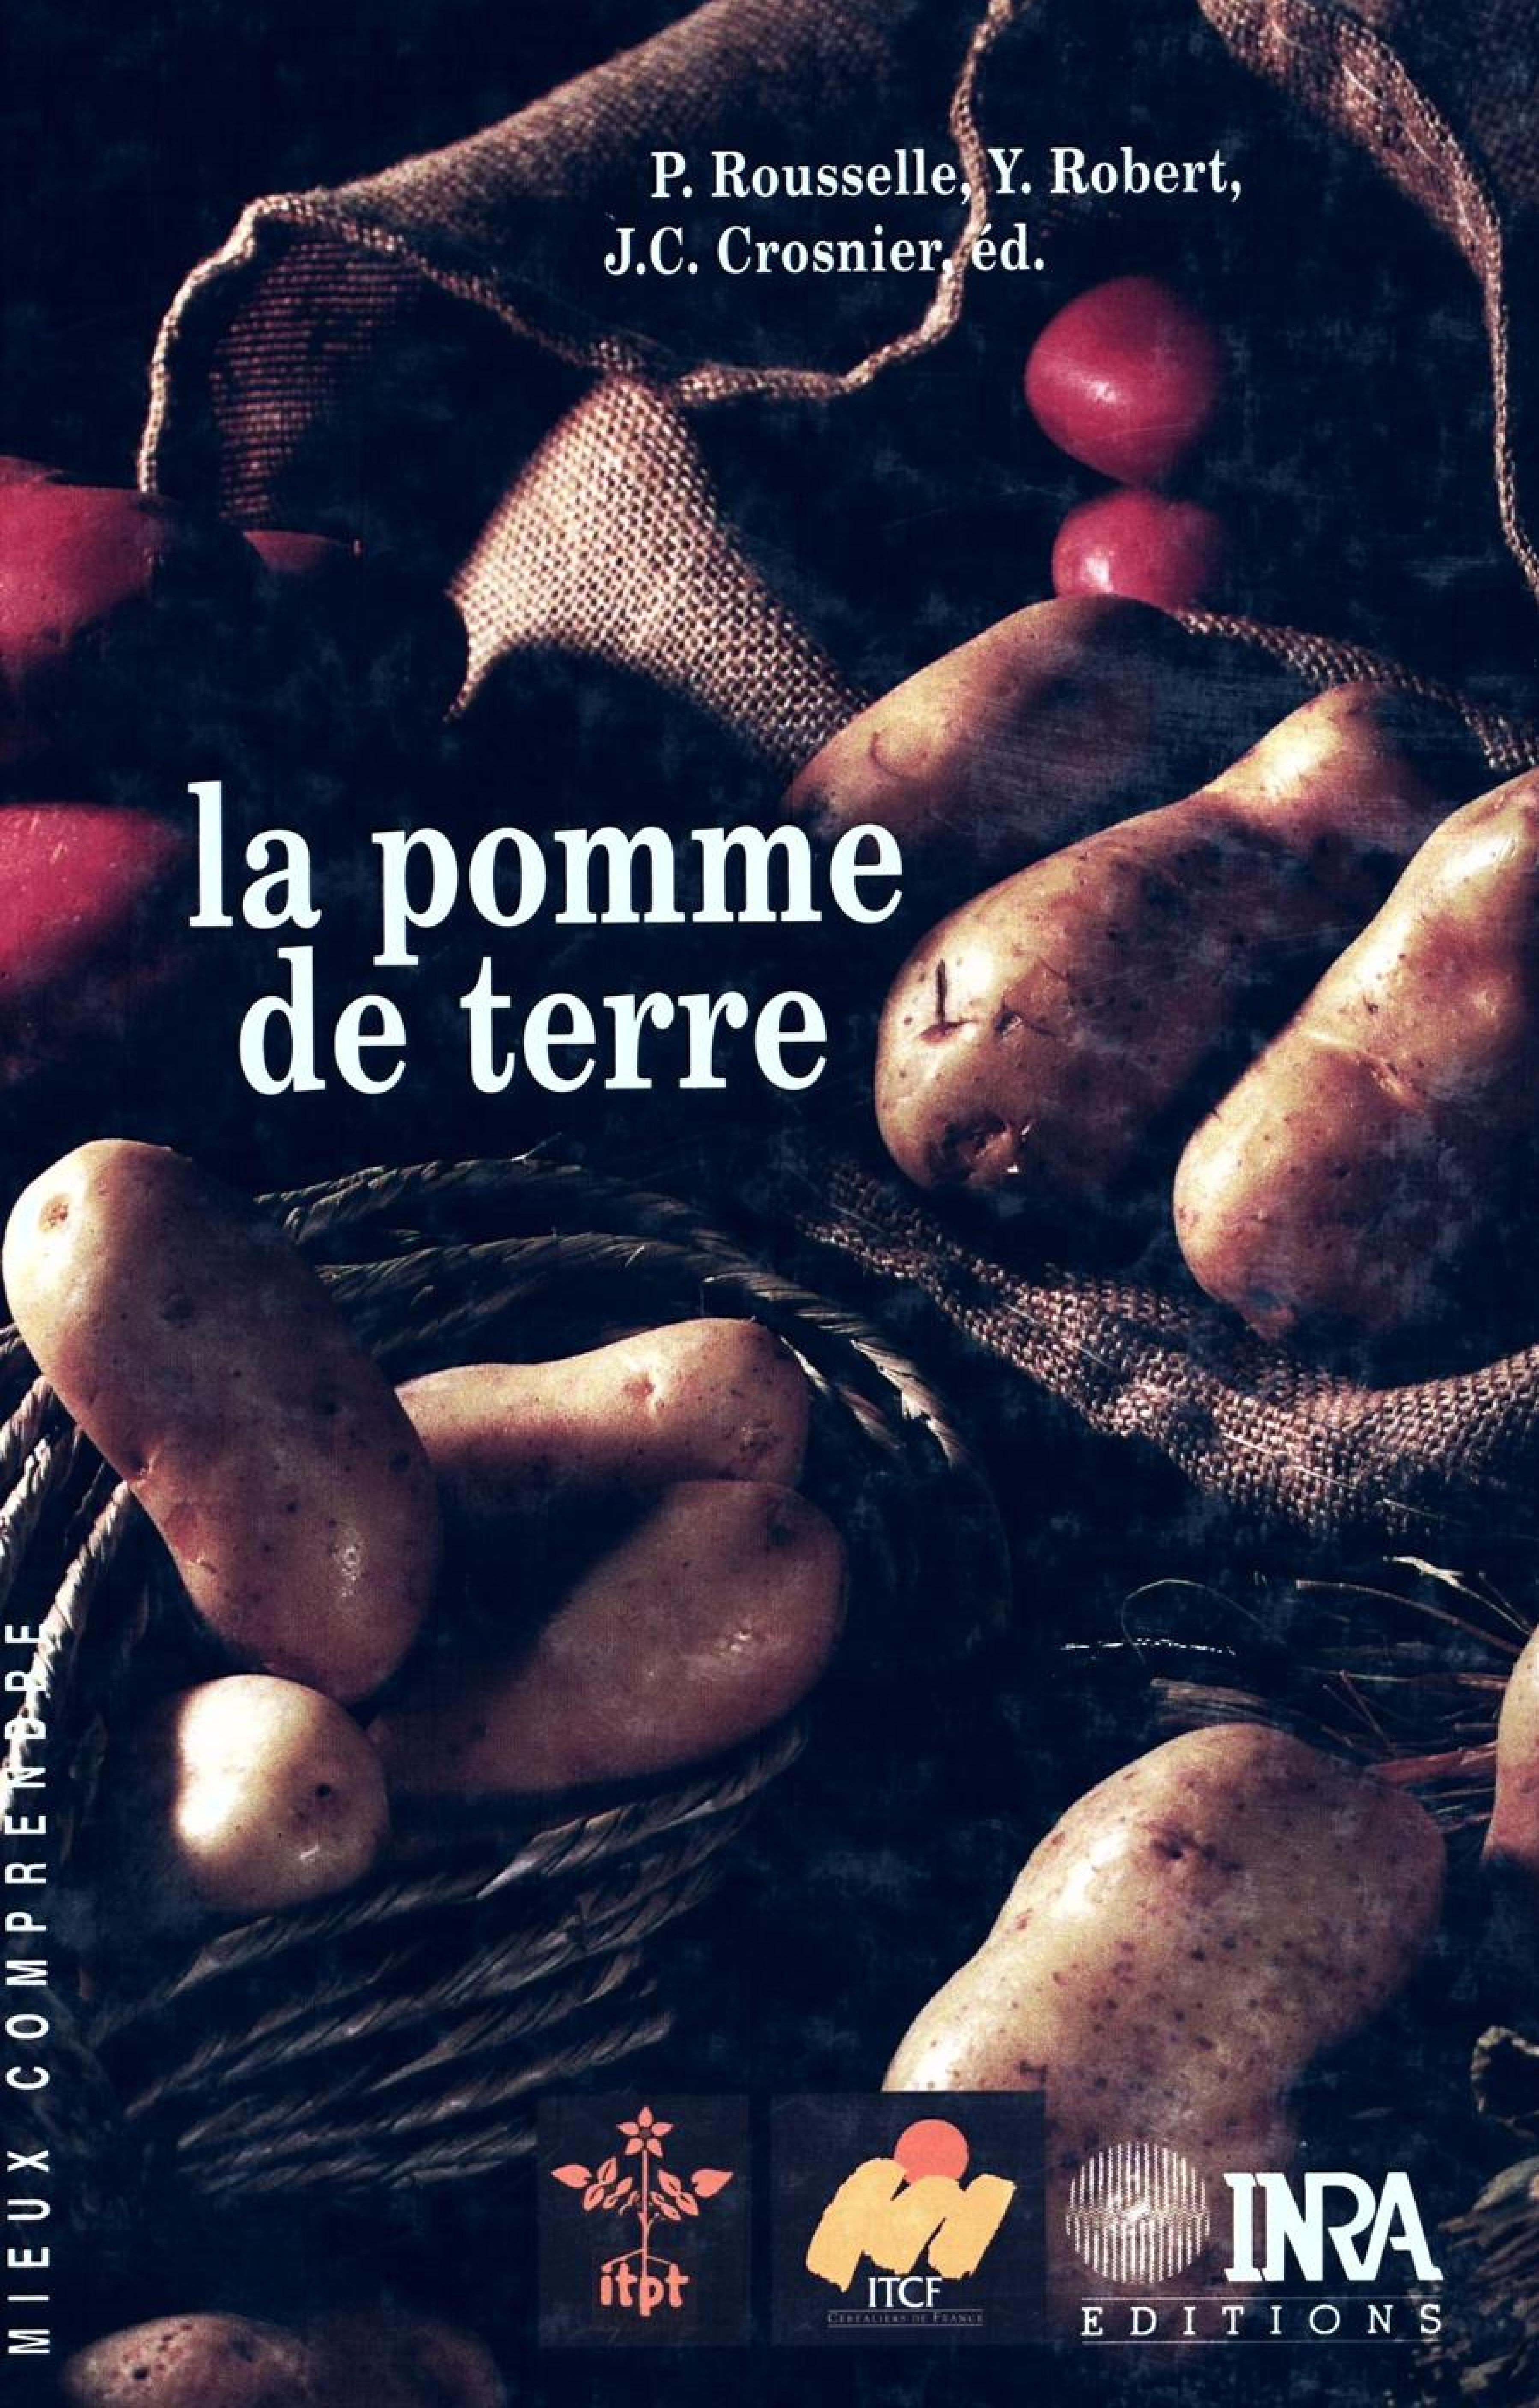 La pomme de terre - production, amelioration, ennemis et maladies, utilisations